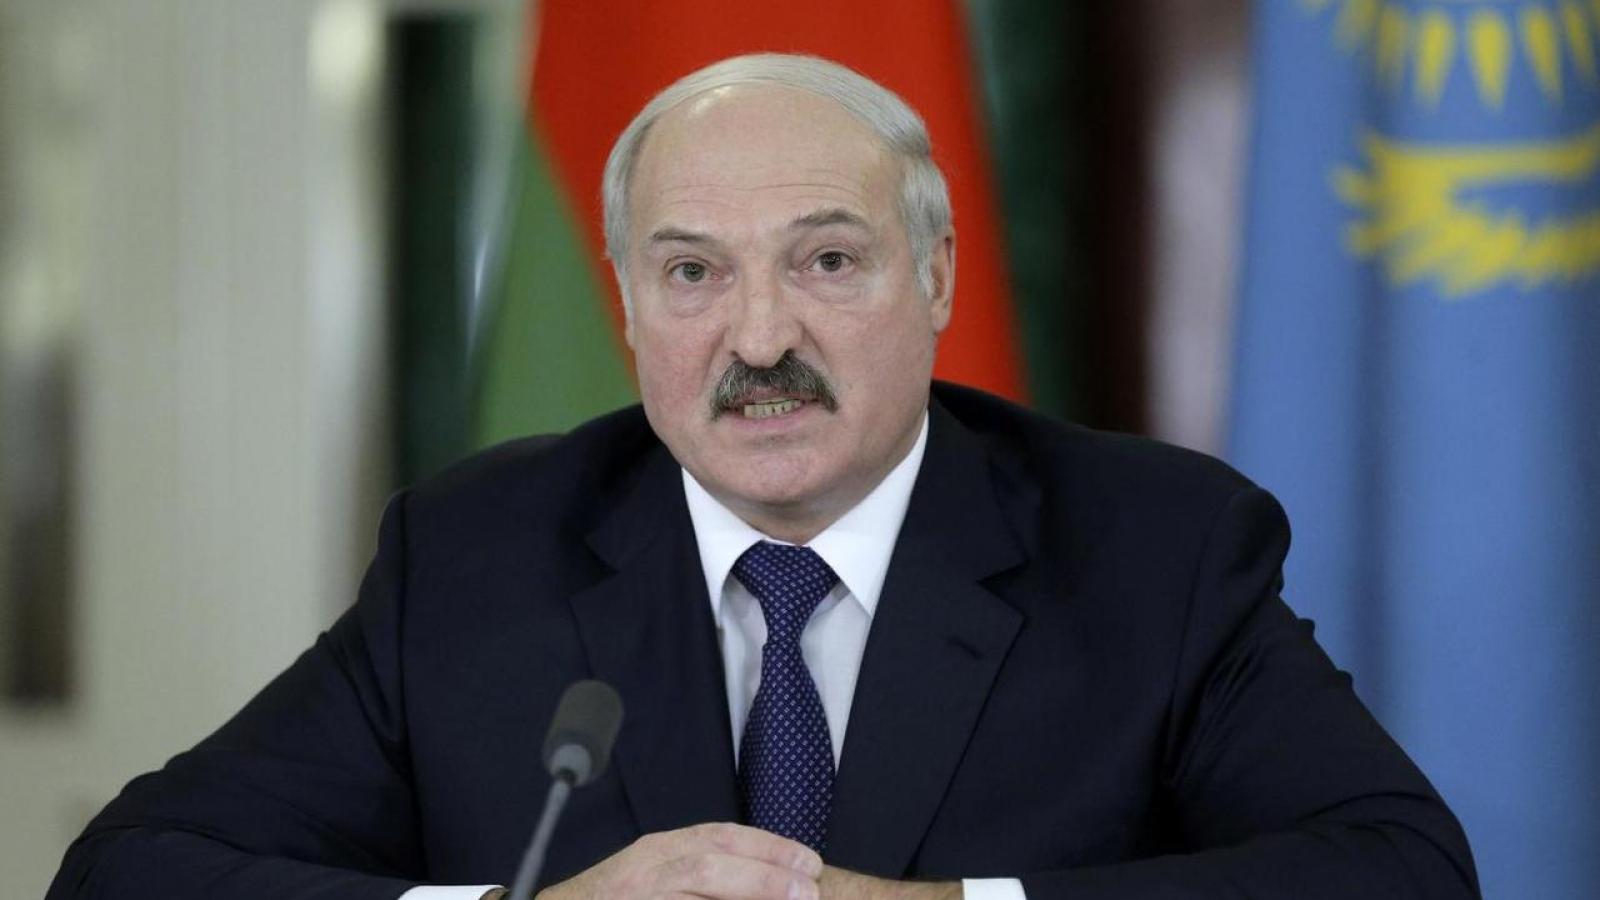 EU sẽ không đưa Tổng thống Belarus vào danh sách đen trừng phạt